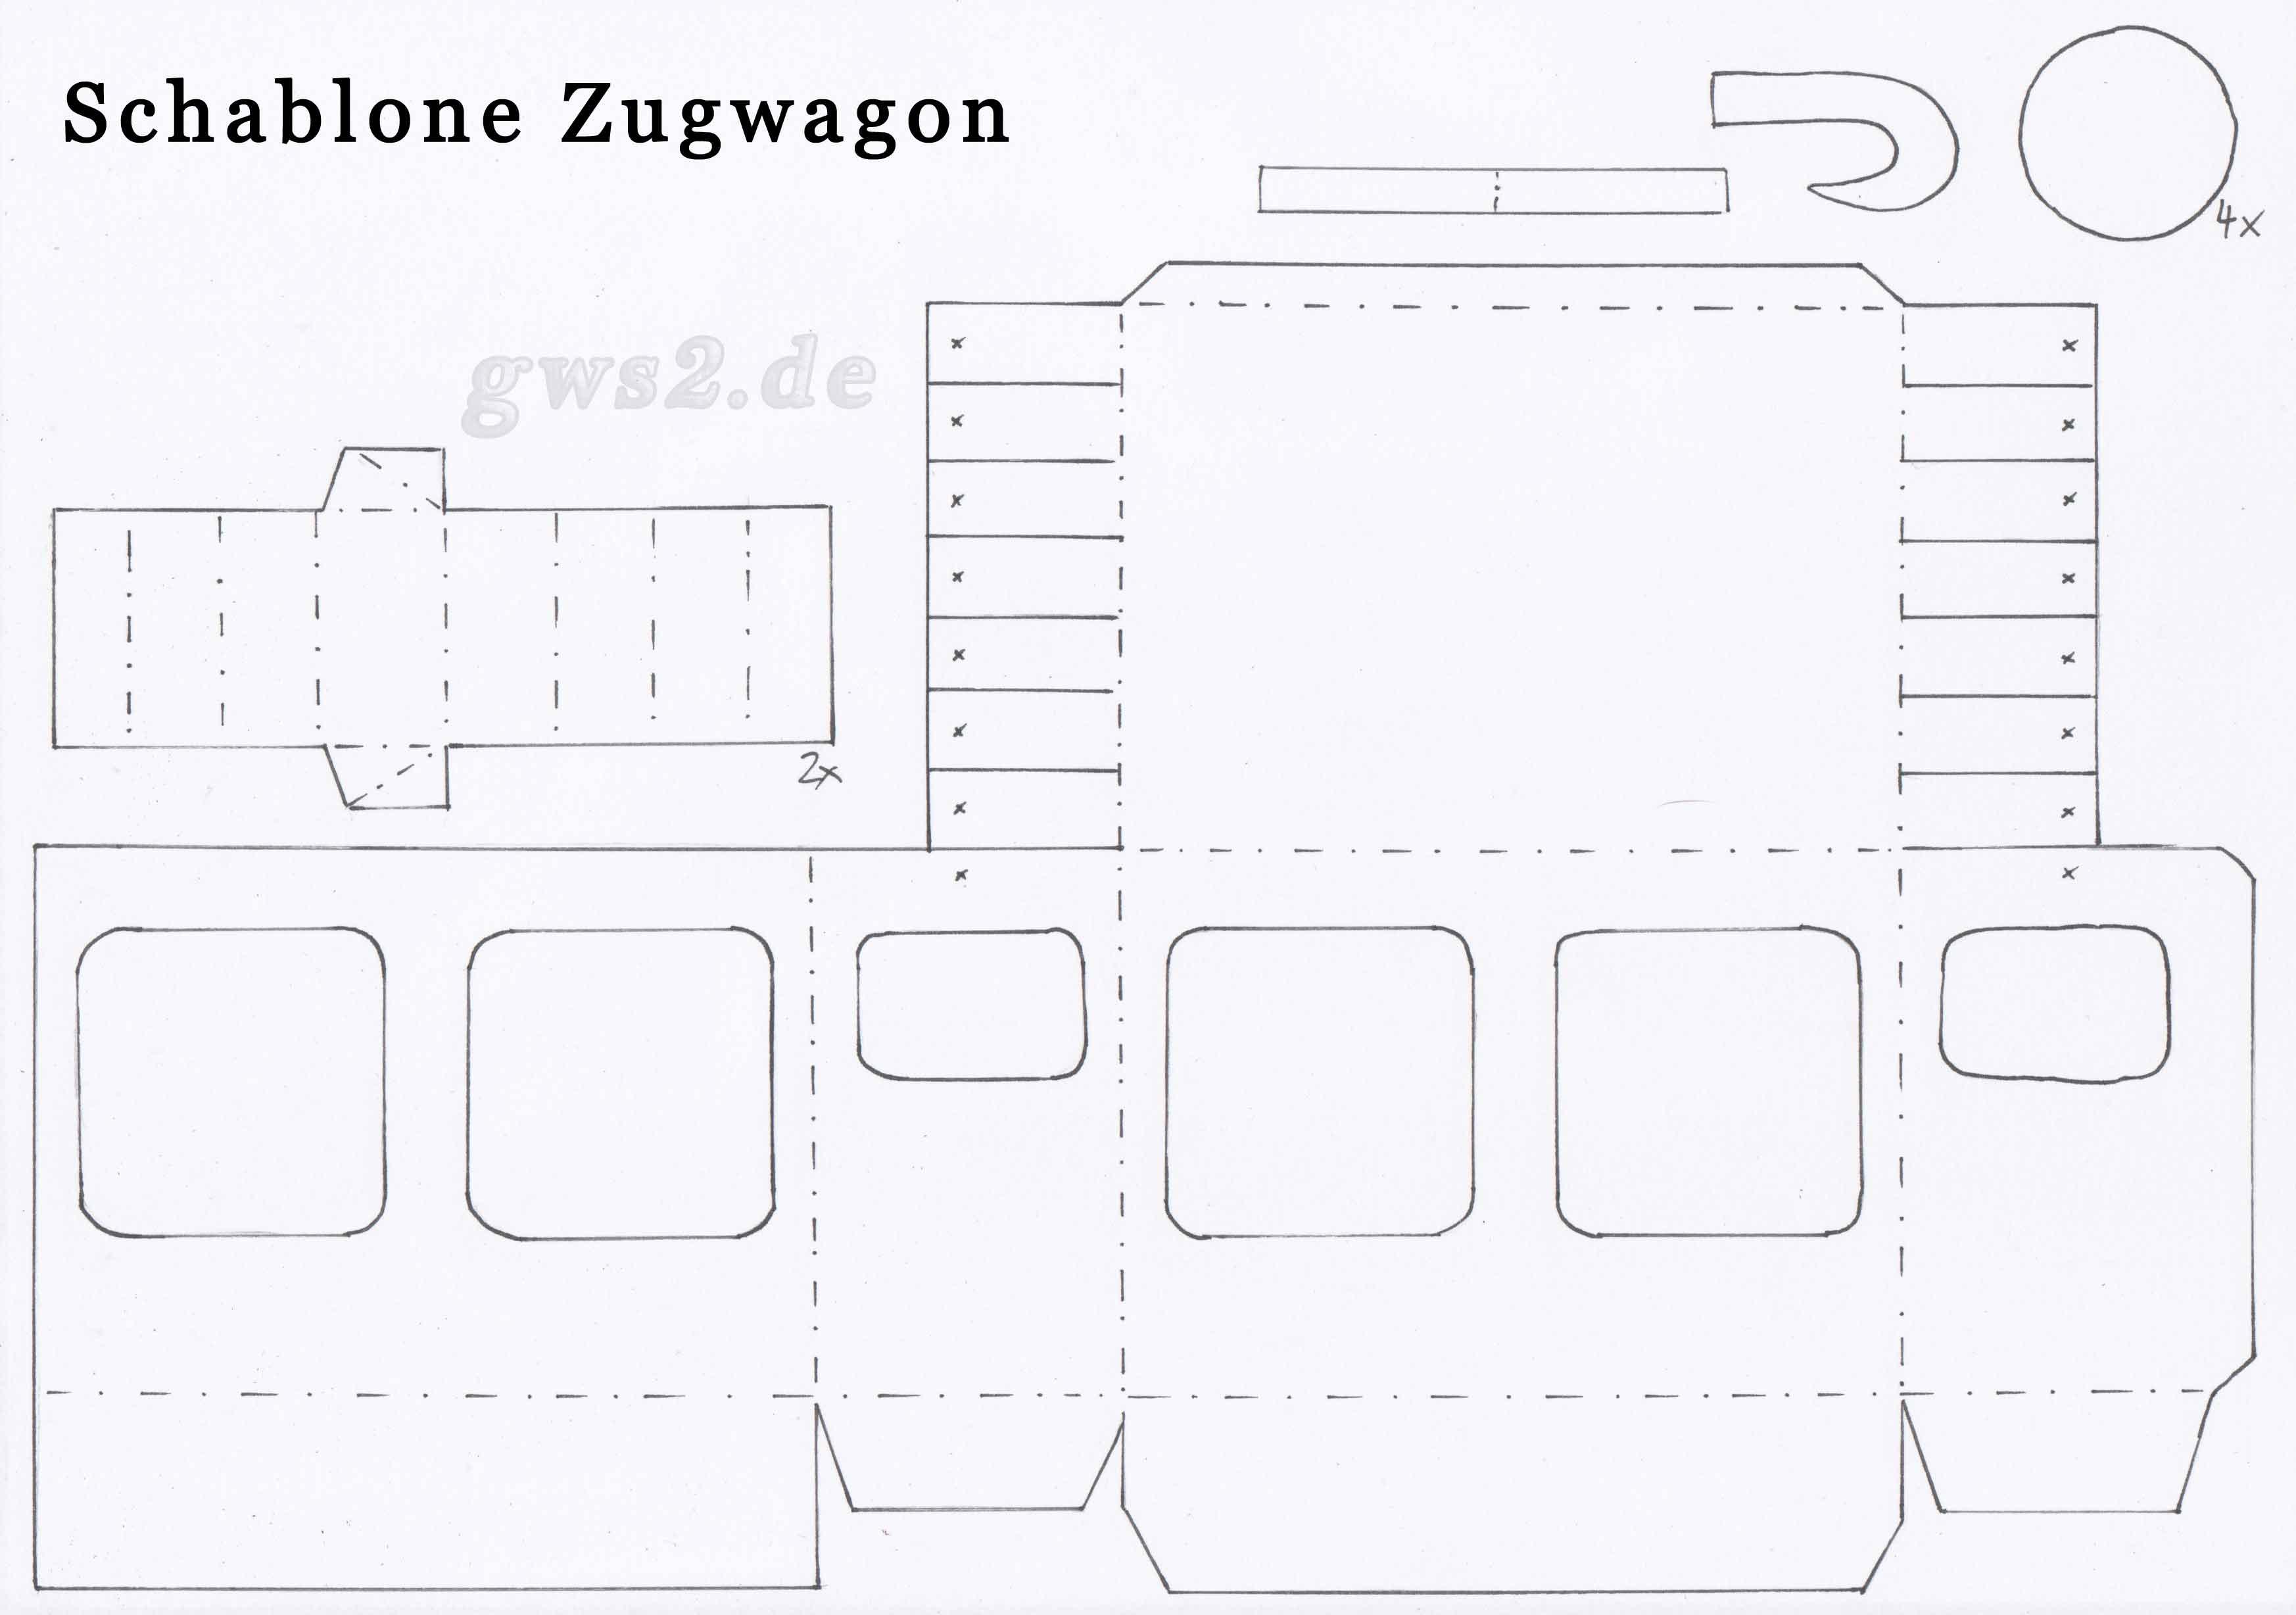 Bild von Schablone für einen Personenwagen